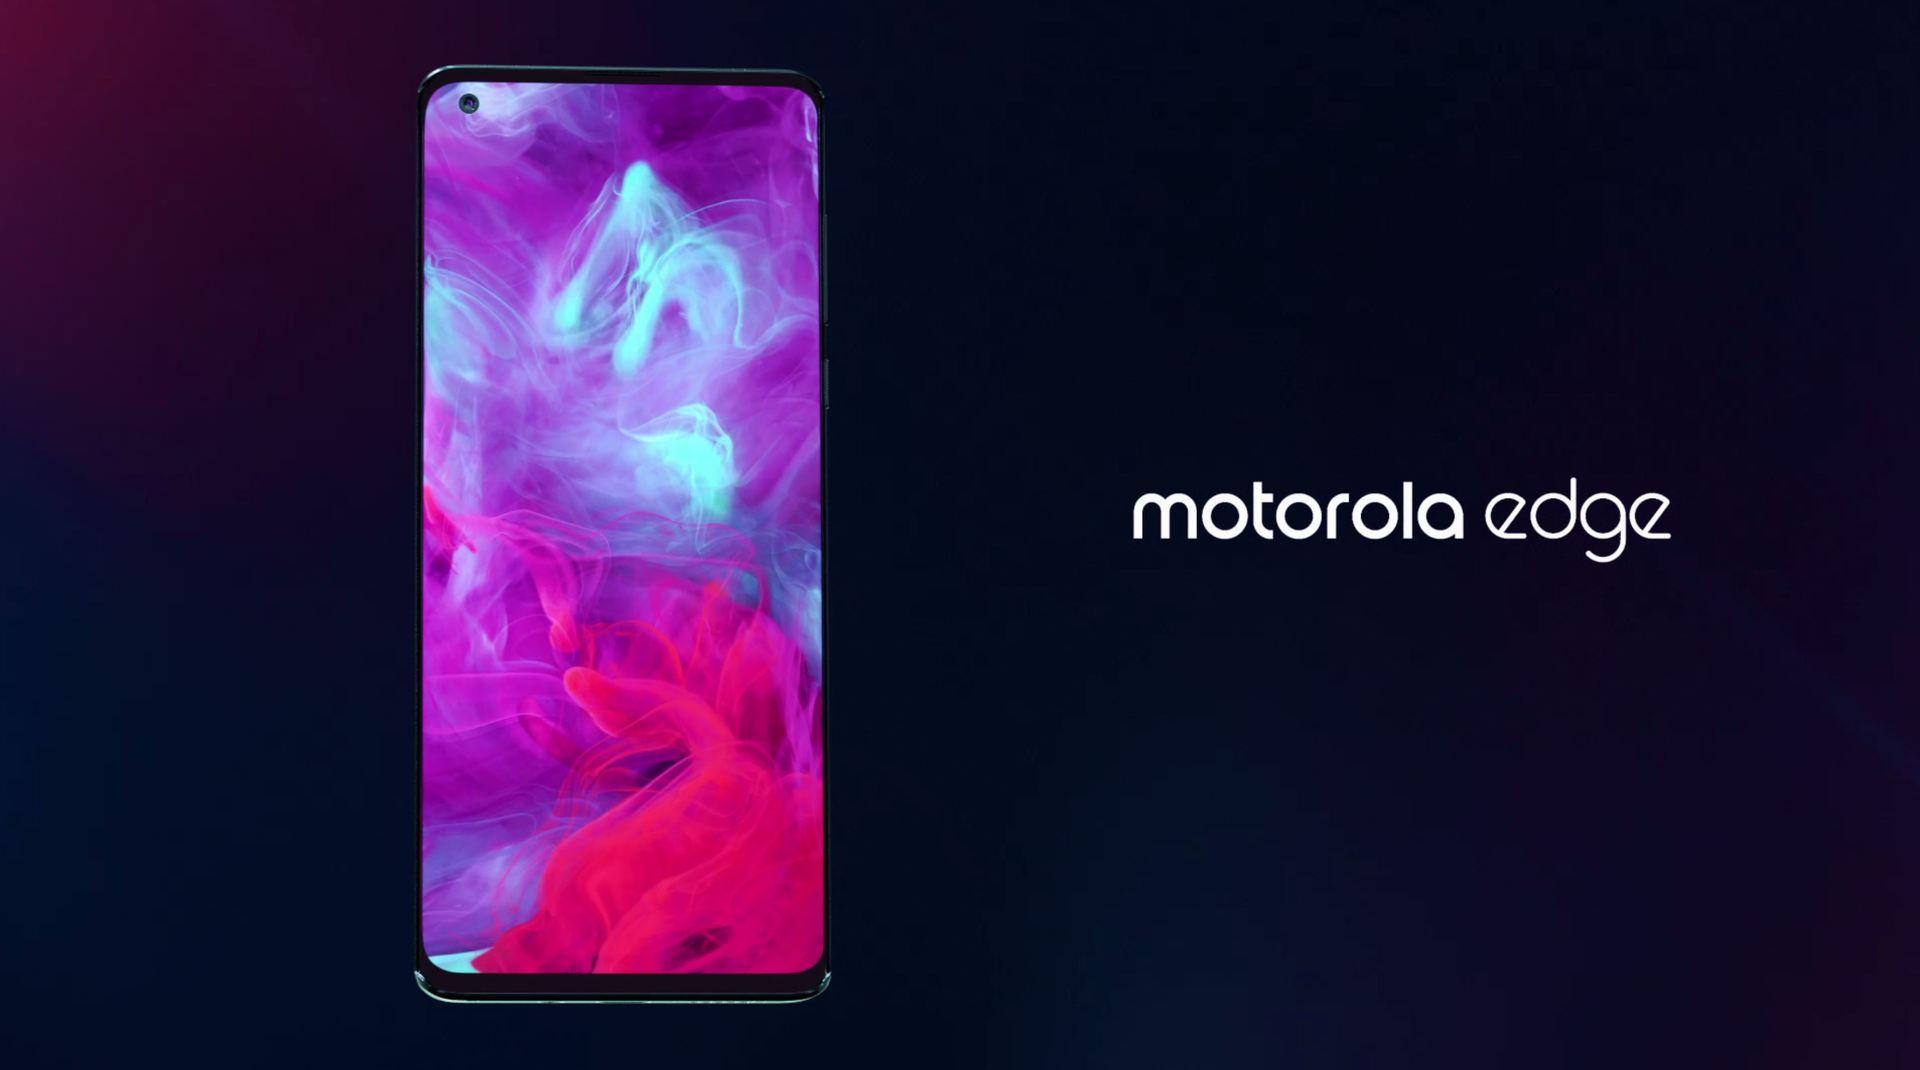 Motorola Edge Launched